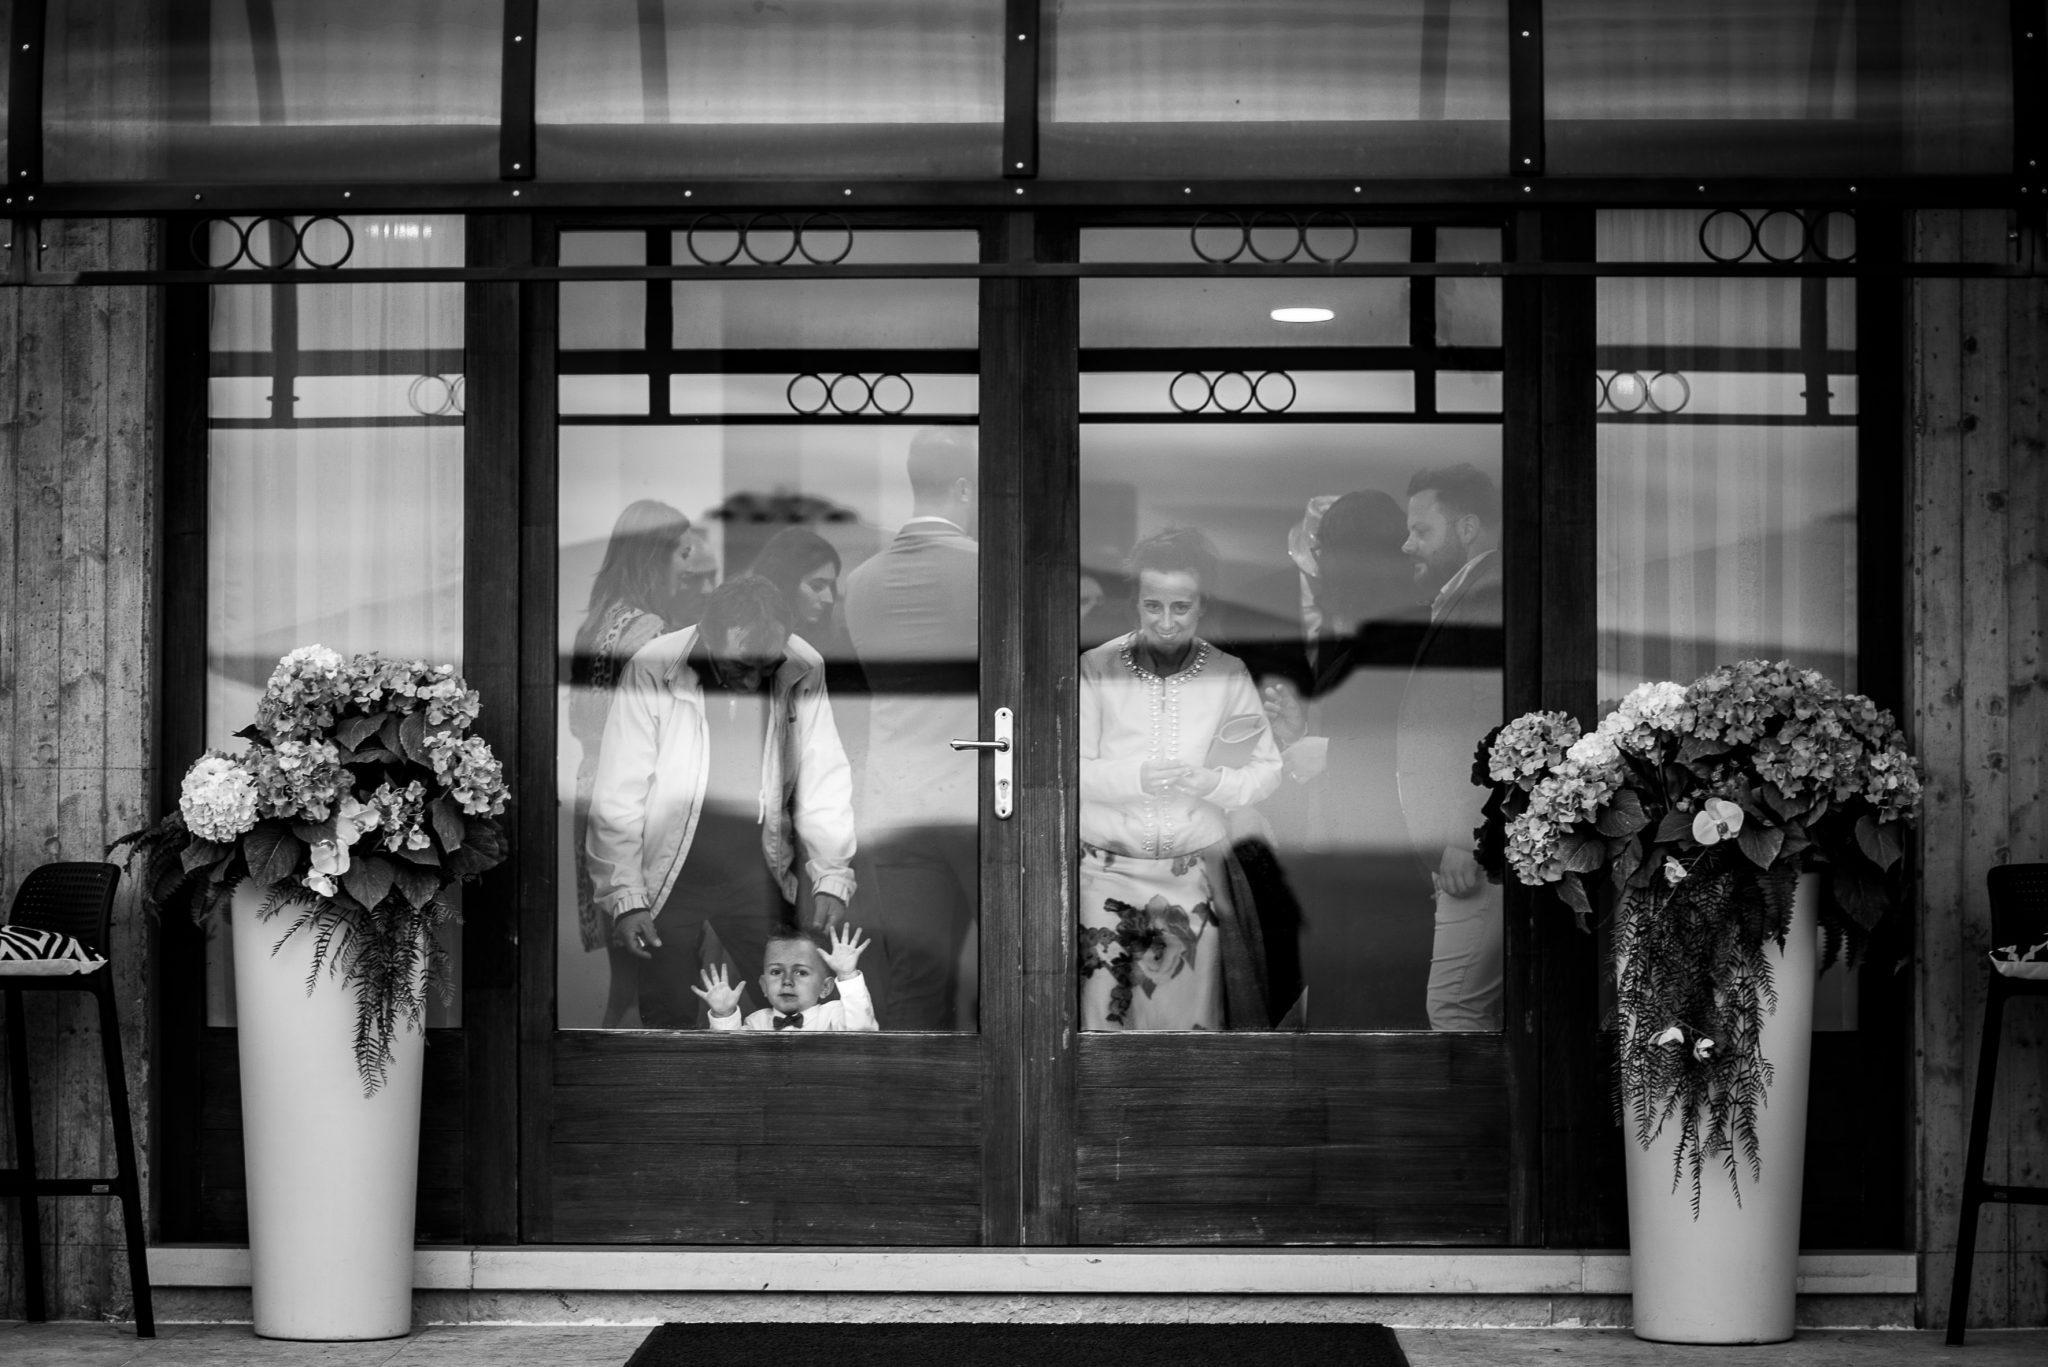 gli invitati dentro al ristornate del ricevimento del matrimonio